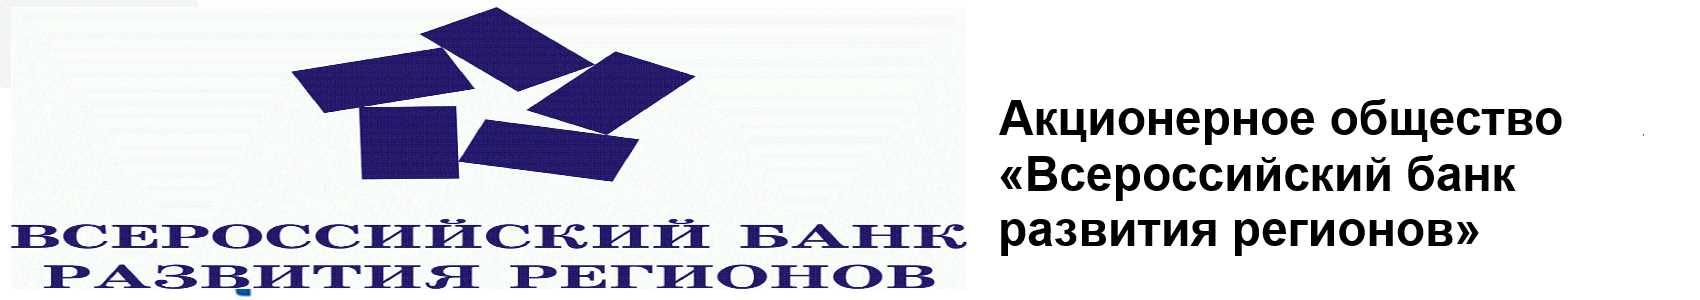 АО «Всероссийский банк развития регионов»